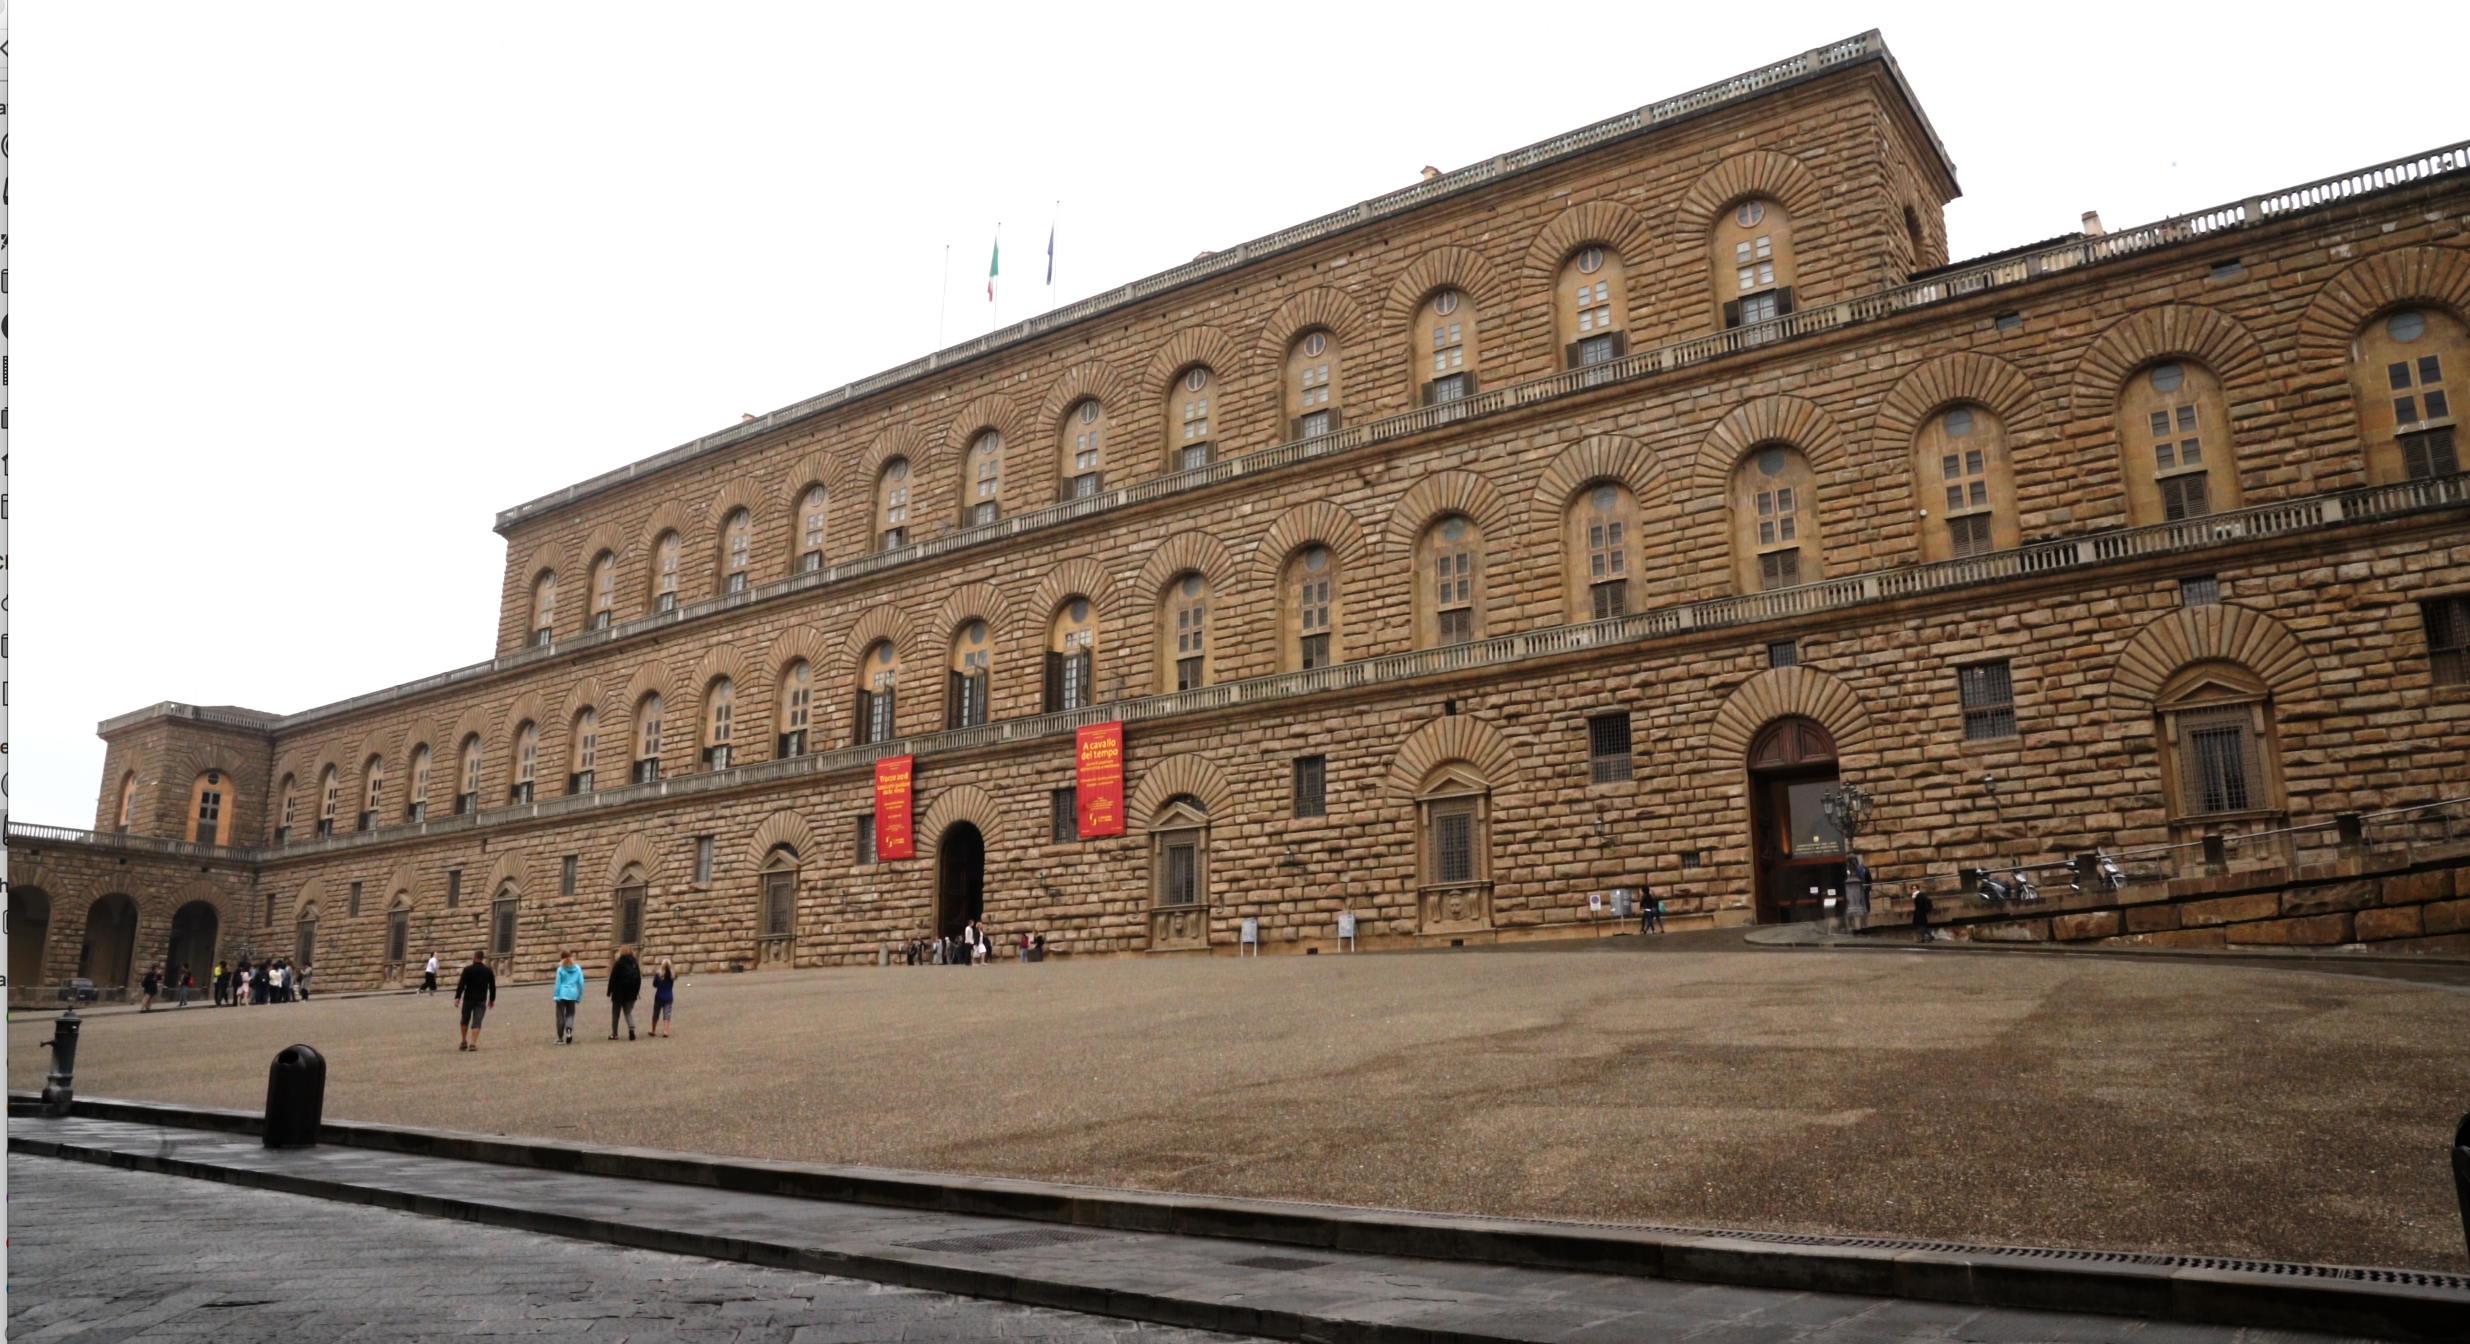 The Palazzo Pitti.